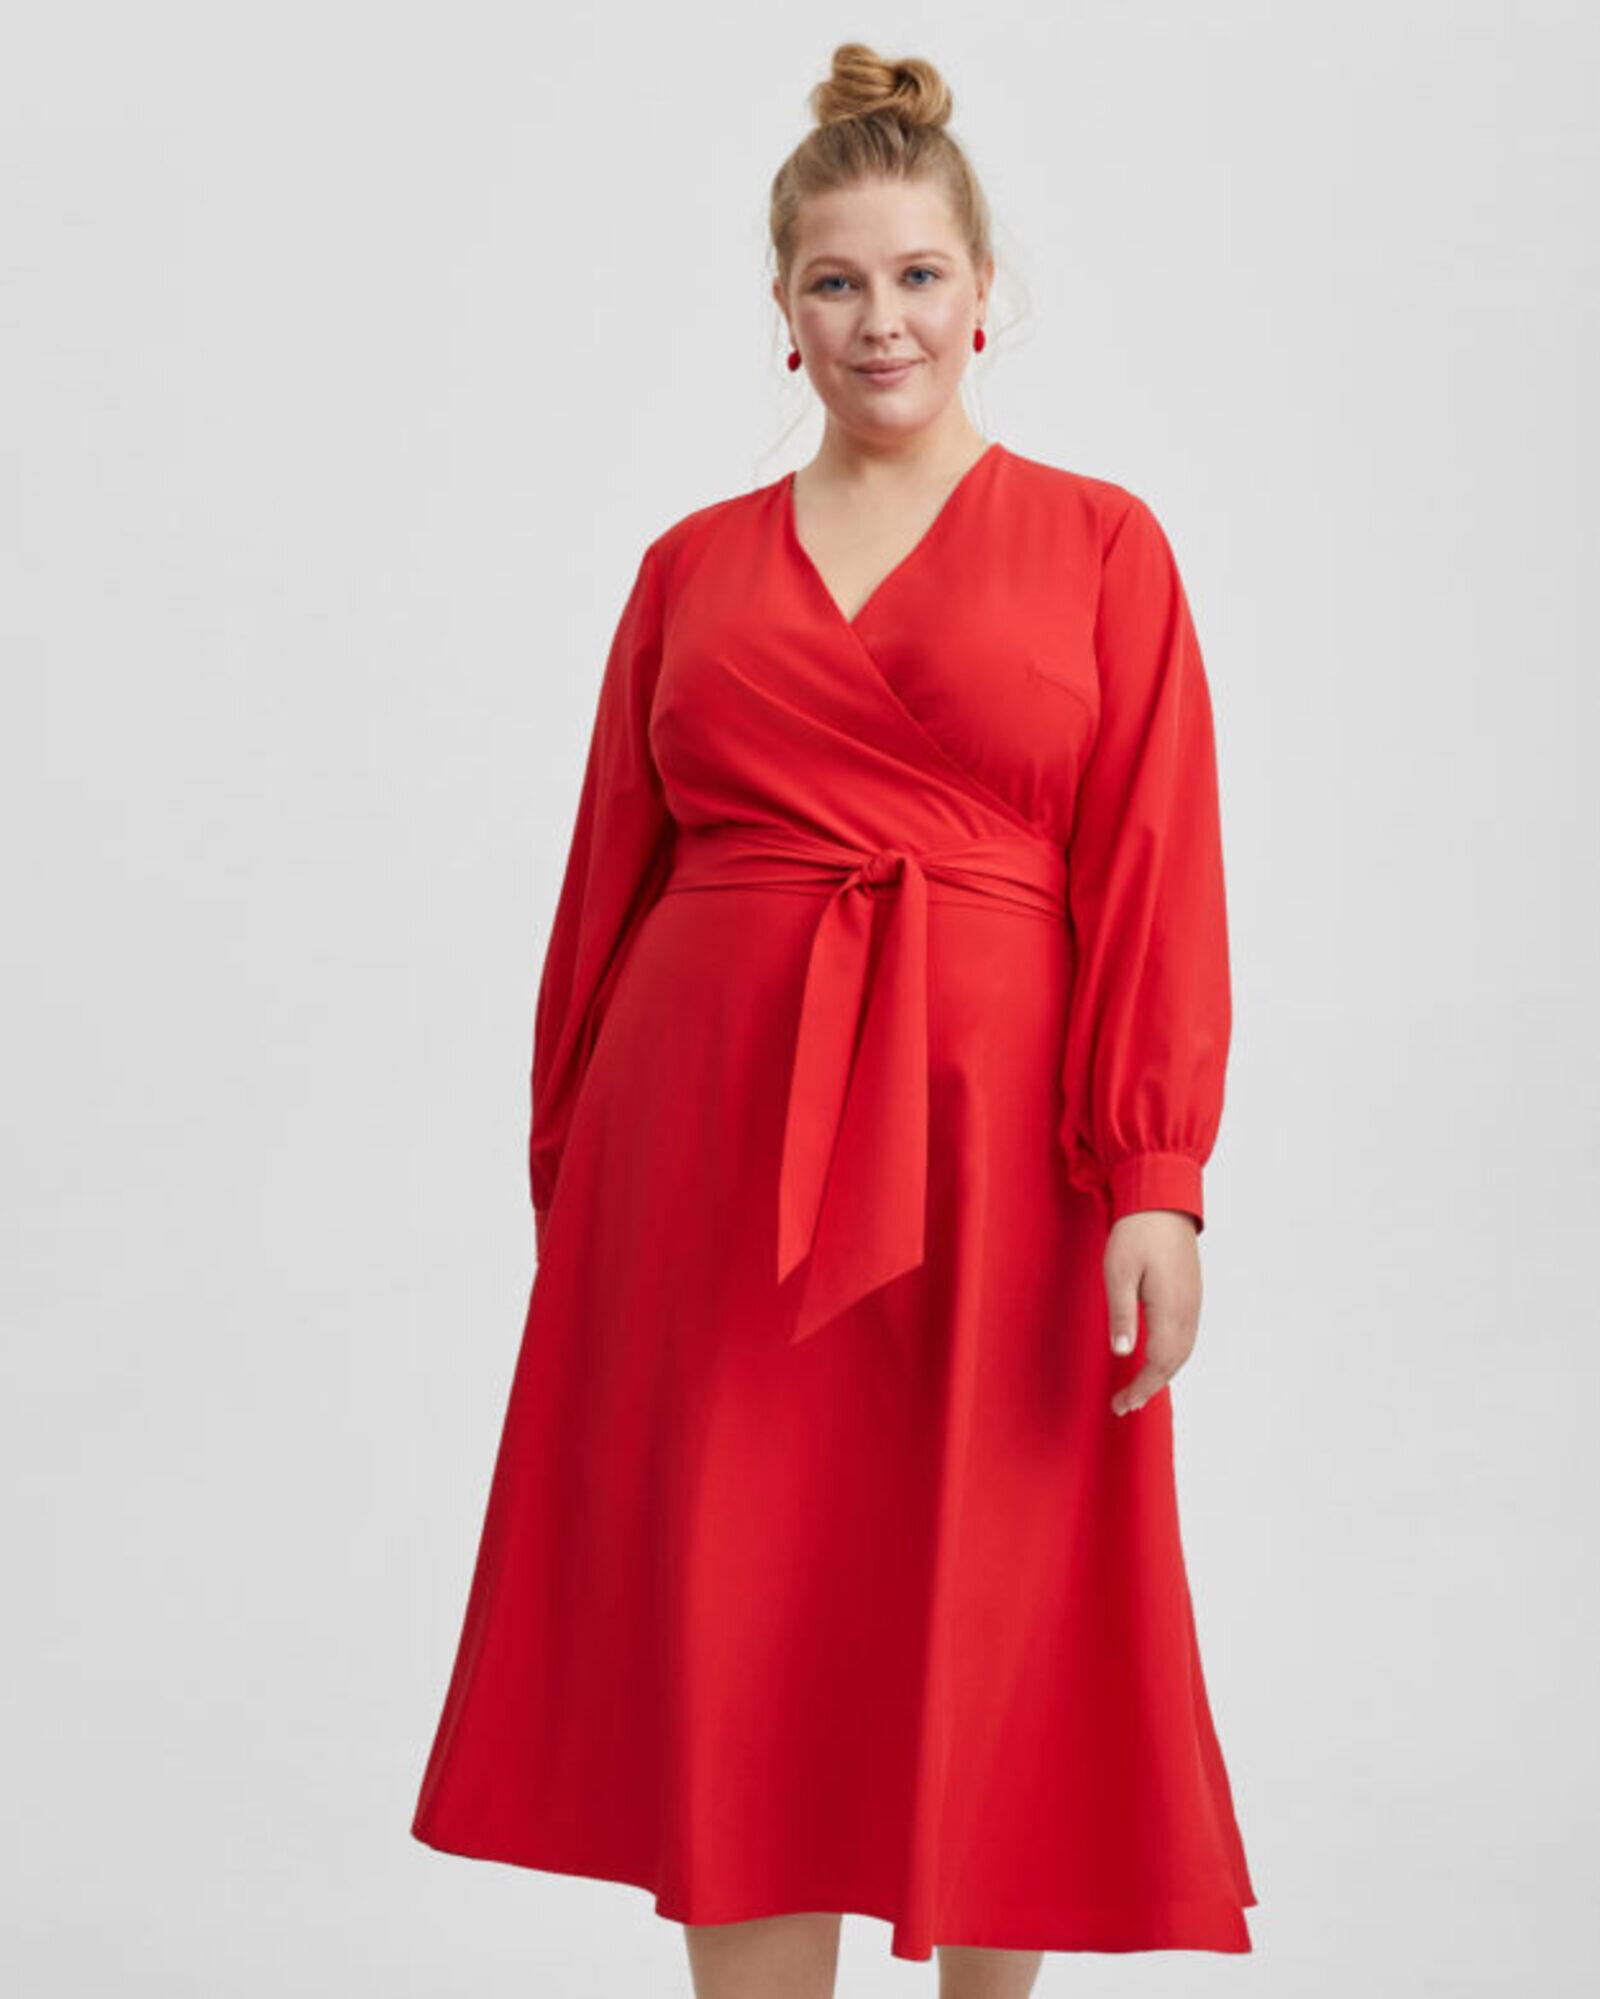 Платье женское с запахом красное Plus size